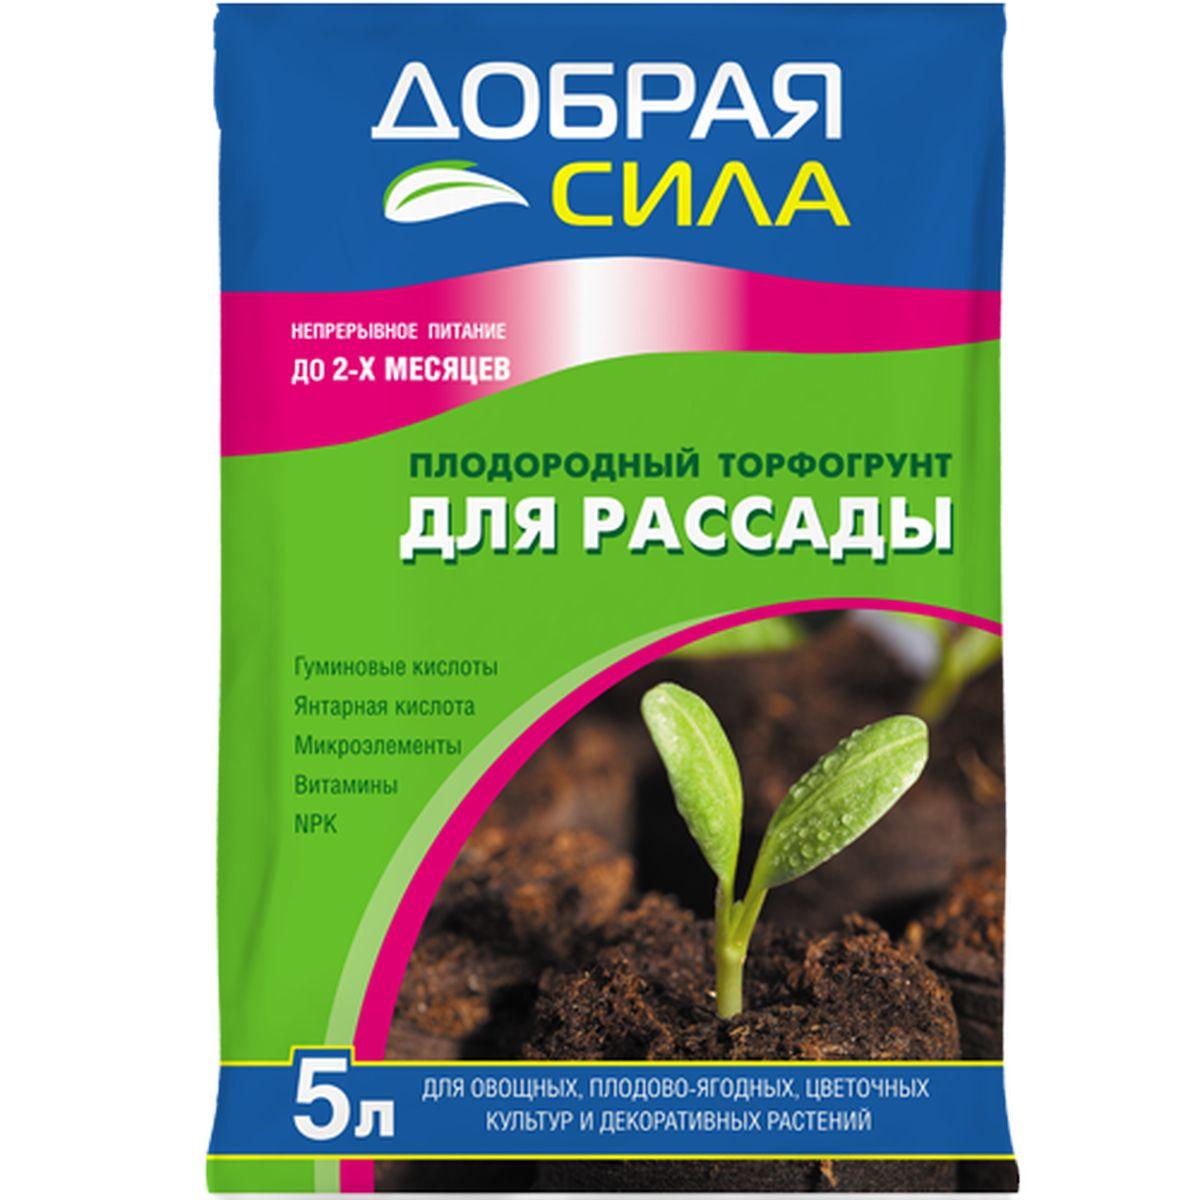 Почвенный грунт на основе торфа Добрая Сила, для рассады, 5 лDS-29-01-005-1Предназначен для выращивания рассады овощных, плодово-ягодных, цветочных культур и декоративных растений. Может использоваться при посеве и выращивании растений в зимних садах и оранжереях, а также при выращивании растений в теплицах и парниках.